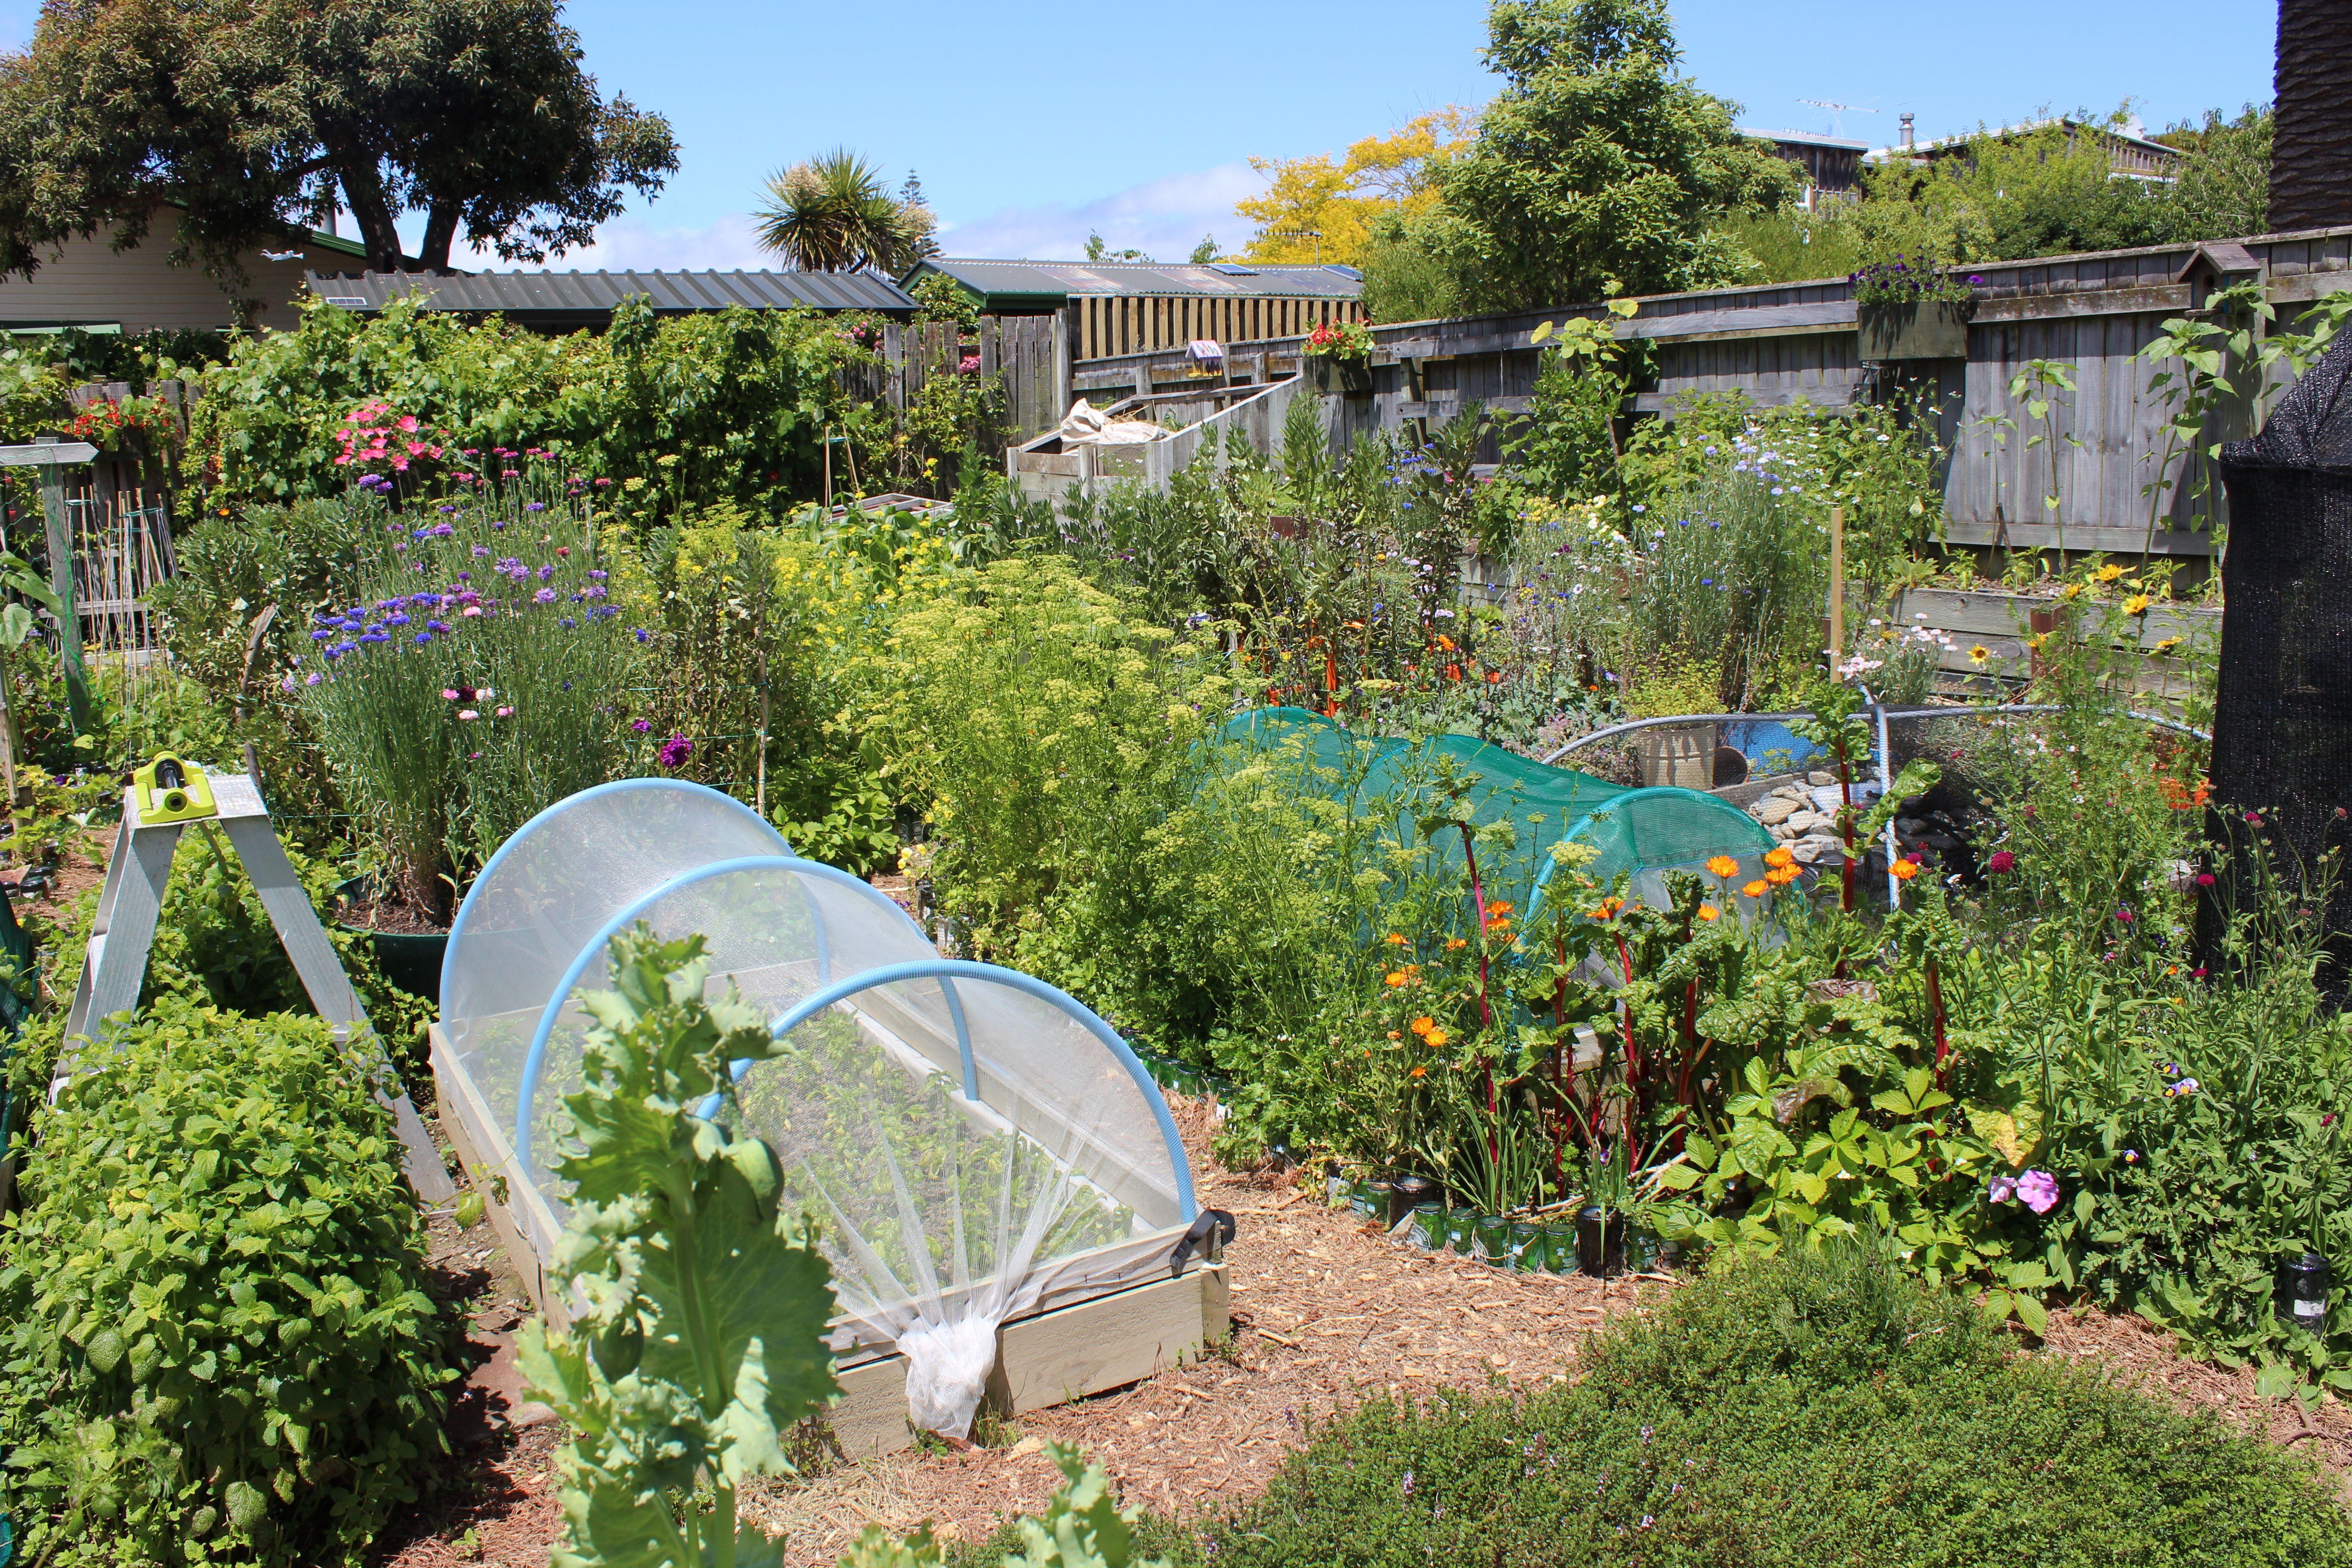 more photos of the Long Beach café organic garden | Waikanae Watch